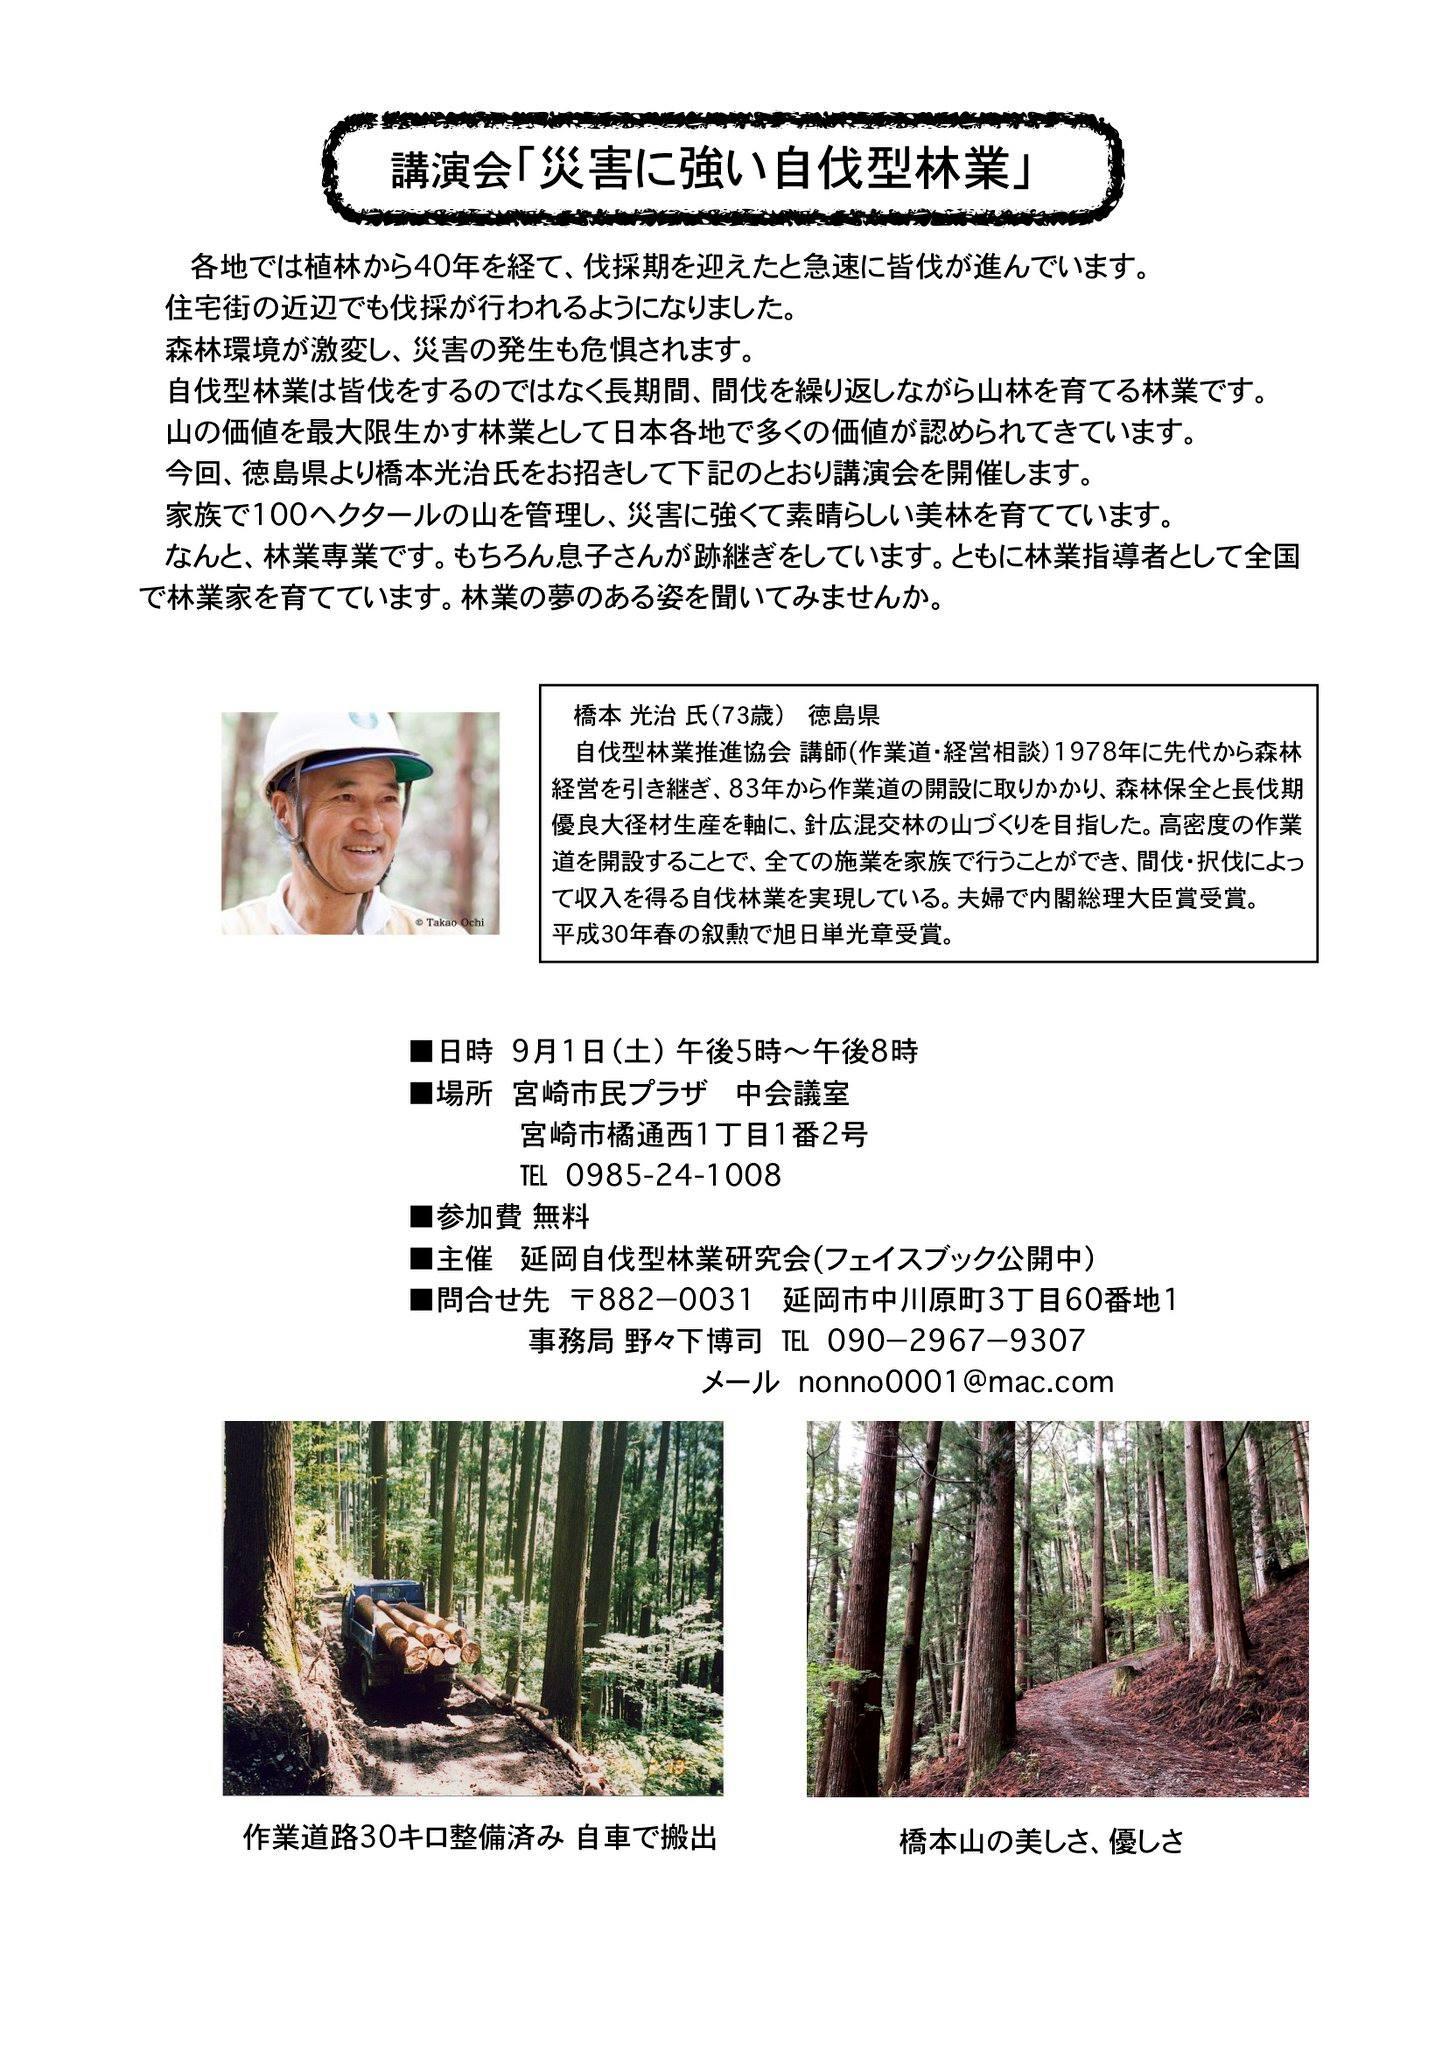 9月1日に宮崎県で 講演会「災害に強い自伐型林業」